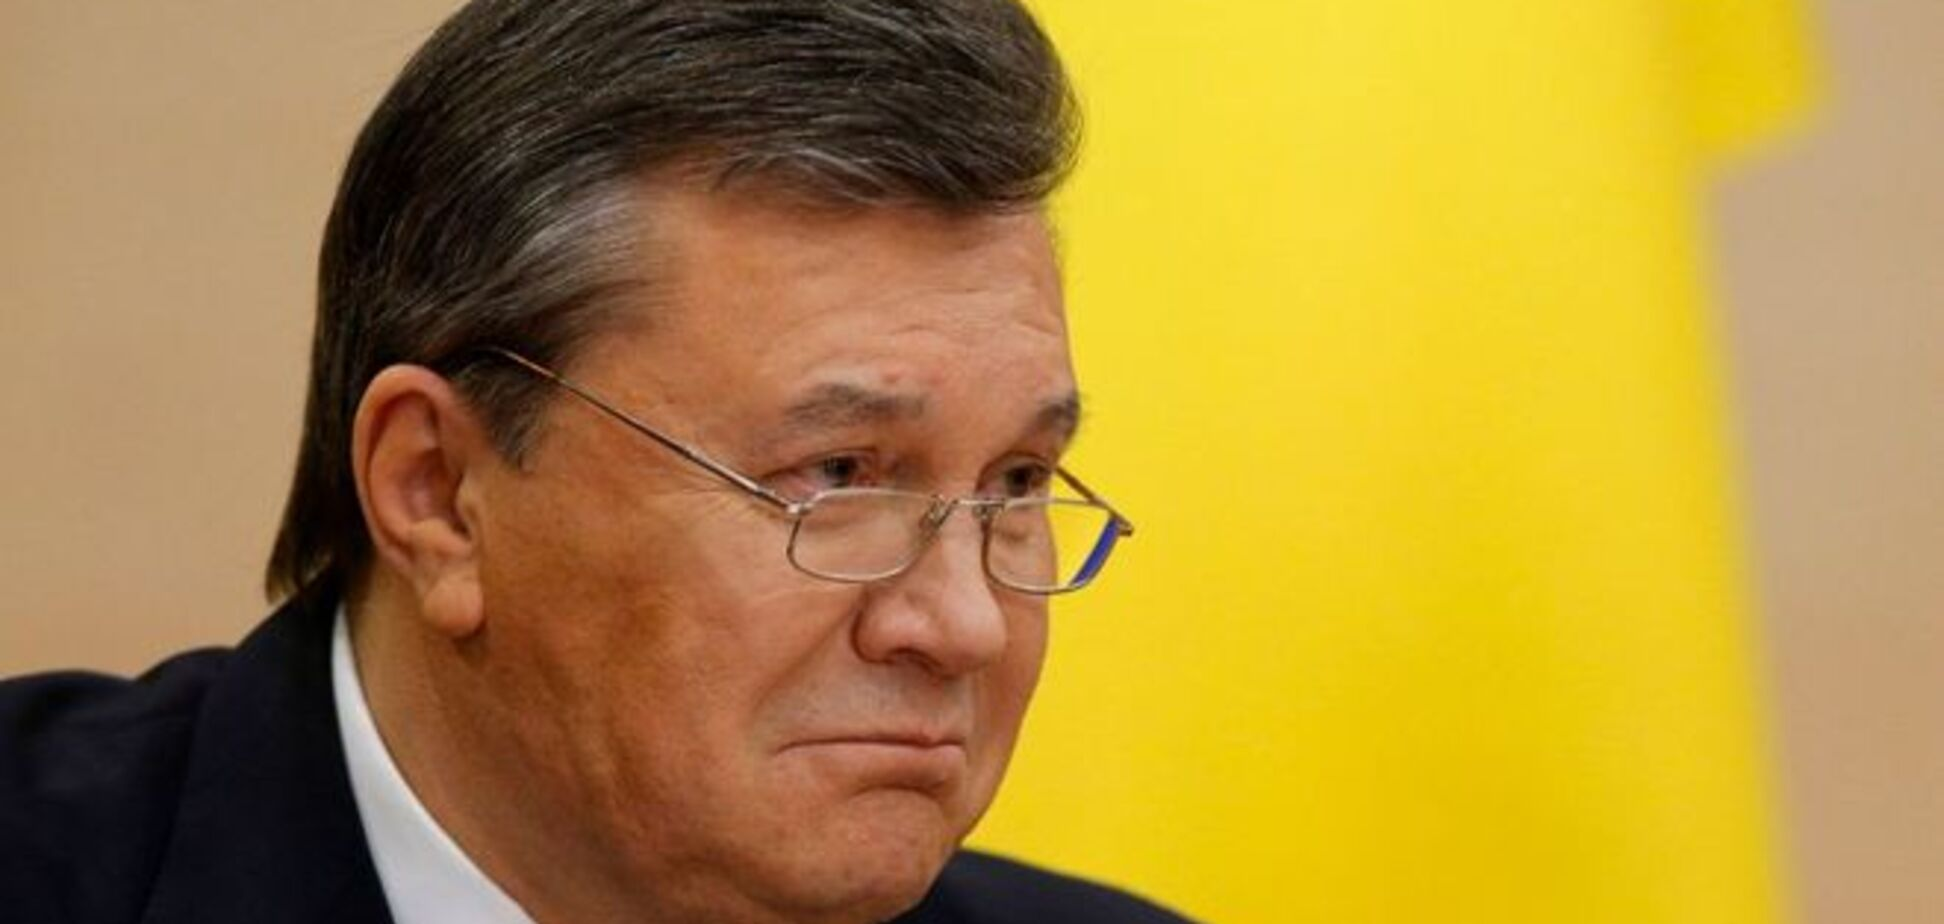 Гройсман обещает разобраться, почему Янукович до сих пор президент